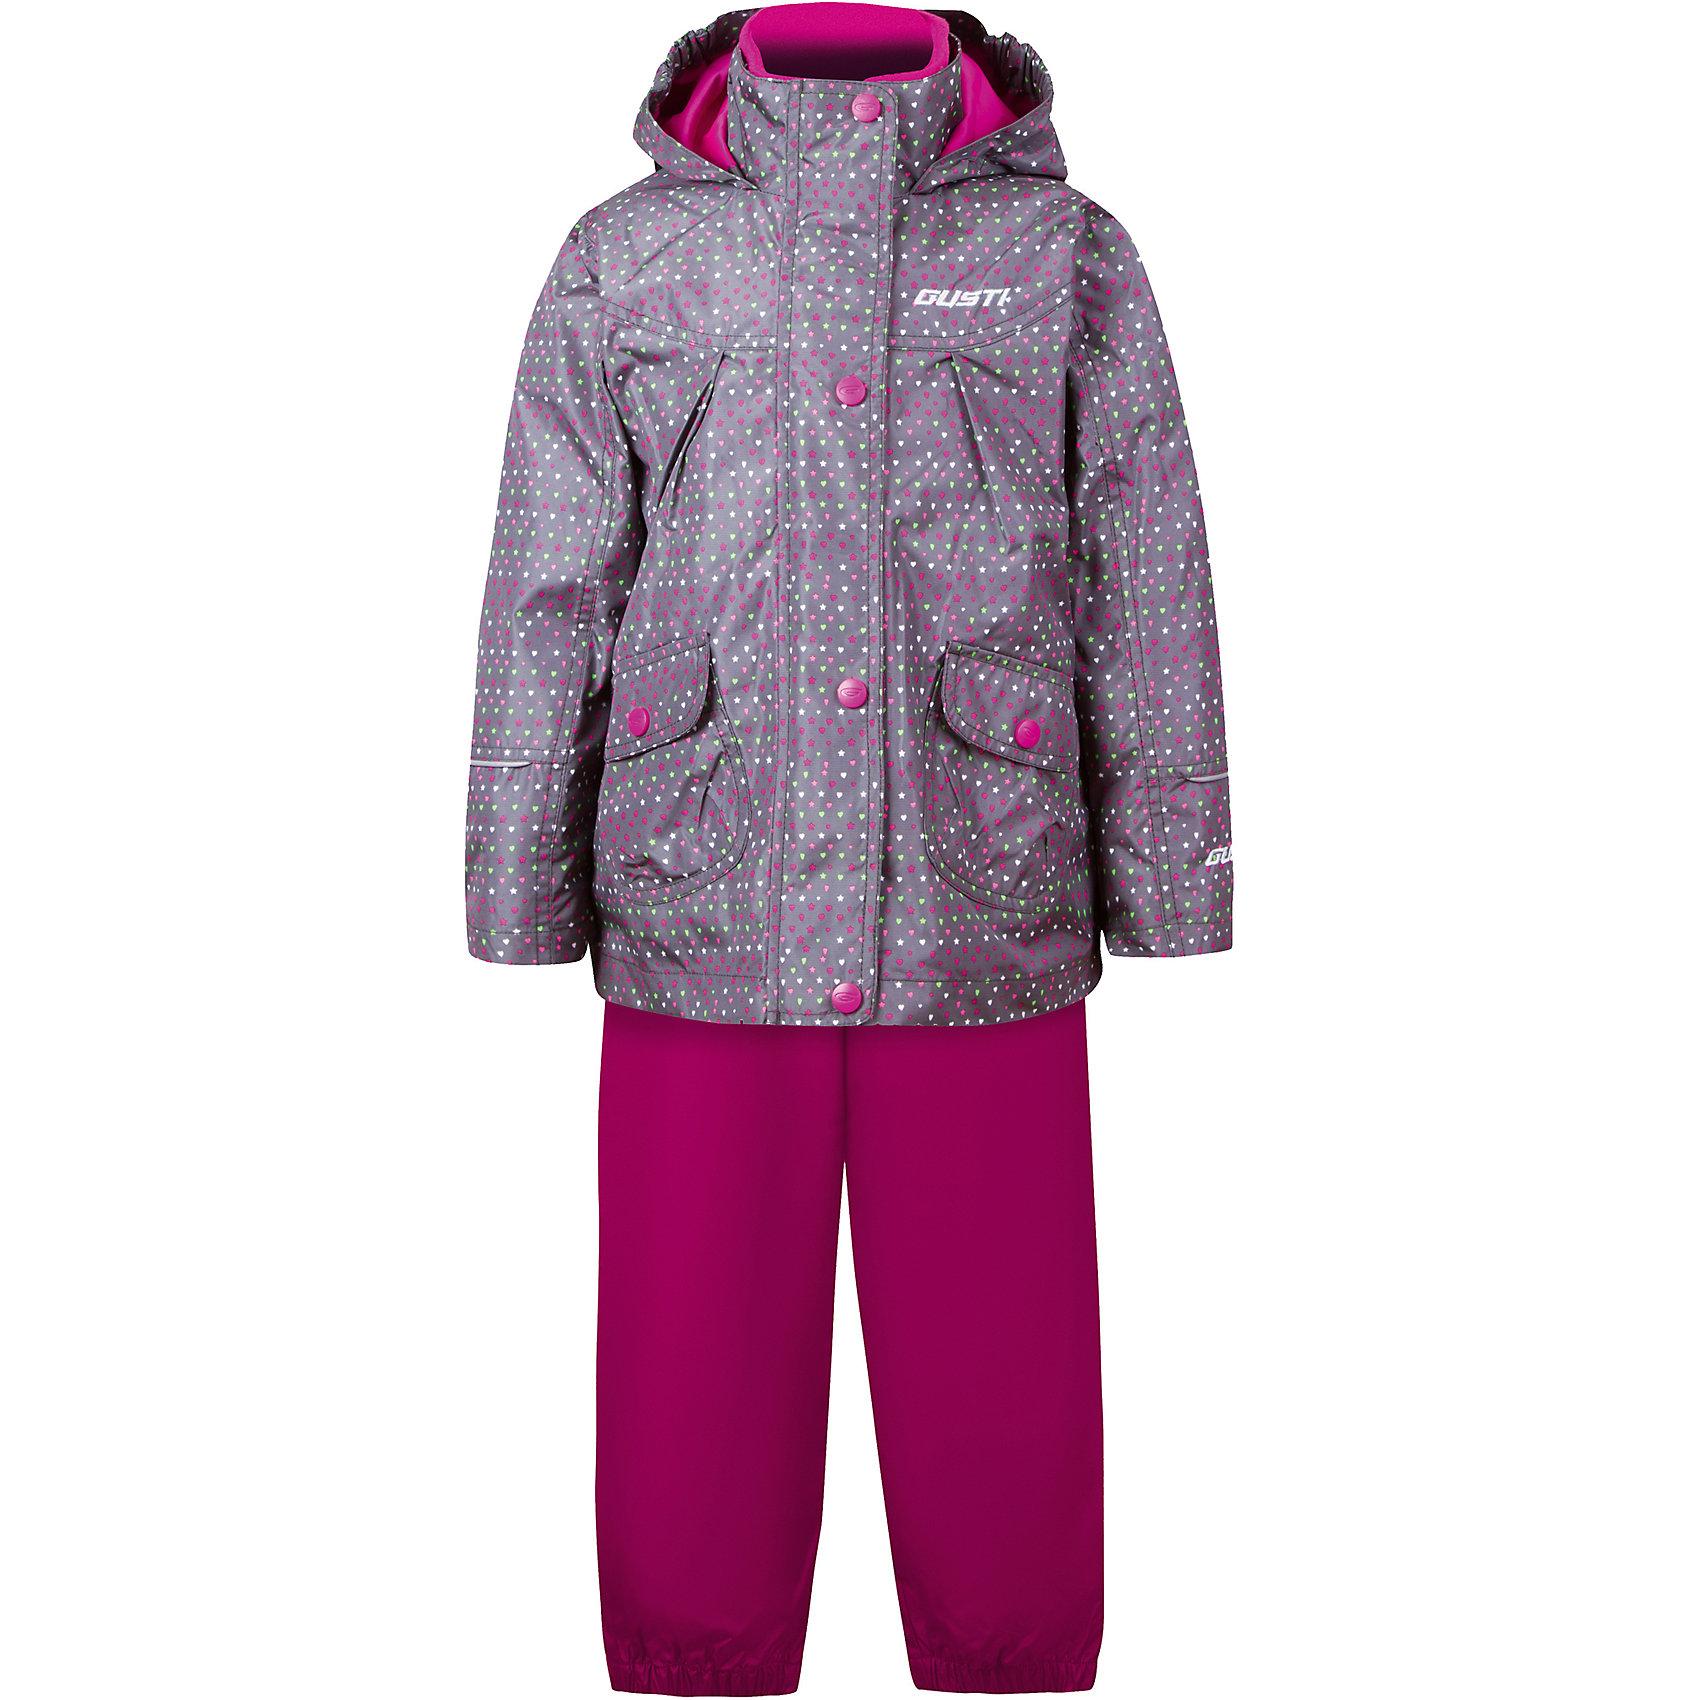 Комплект: куртка, толстовка и брюки для девочки GustiВерхняя одежда<br>Характеристики товара:<br><br>• цвет: серый<br>• состав: 100% полиэстер, подкладка, утеплитель - 100% полиэстер<br>• комплектация: куртка, съемная флисовая подкладка, брюки<br>• температурный режим: от +5° С до +15° С<br>• водонепроницаемый материал<br>• капюшон<br>• карманы<br>• съемные подтяжки<br>• брючины эластичные<br>• комфортная посадка<br>• светоотражающие элементы<br>• молния<br>• утеплитель: синтепон<br>• демисезонный<br>• страна бренда: Канада<br><br>Этот демисезонный комплект из куртки, пристегивающейся к ней толстовки из флиса, и штанов поможет обеспечить ребенку комфорт и тепло. Предметы удобно садятся по фигуре, отлично смотрятся с различной обувью. Комплект очень модно выглядит, он хорошо защищает от ветра и влаги. Материал отлично подходит для дождливой погоды. Стильный дизайн разрабатывался специально для детей.<br><br>Комплект: куртка, толстовка и брюки для девочки от известного бренда Gusti (Густи) можно купить в нашем интернет-магазине.<br><br>Ширина мм: 356<br>Глубина мм: 10<br>Высота мм: 245<br>Вес г: 519<br>Цвет: черный<br>Возраст от месяцев: 12<br>Возраст до месяцев: 15<br>Пол: Женский<br>Возраст: Детский<br>Размер: 80,152,86,90,92,98,100,104,110,116,120,122,128,140<br>SKU: 5452511